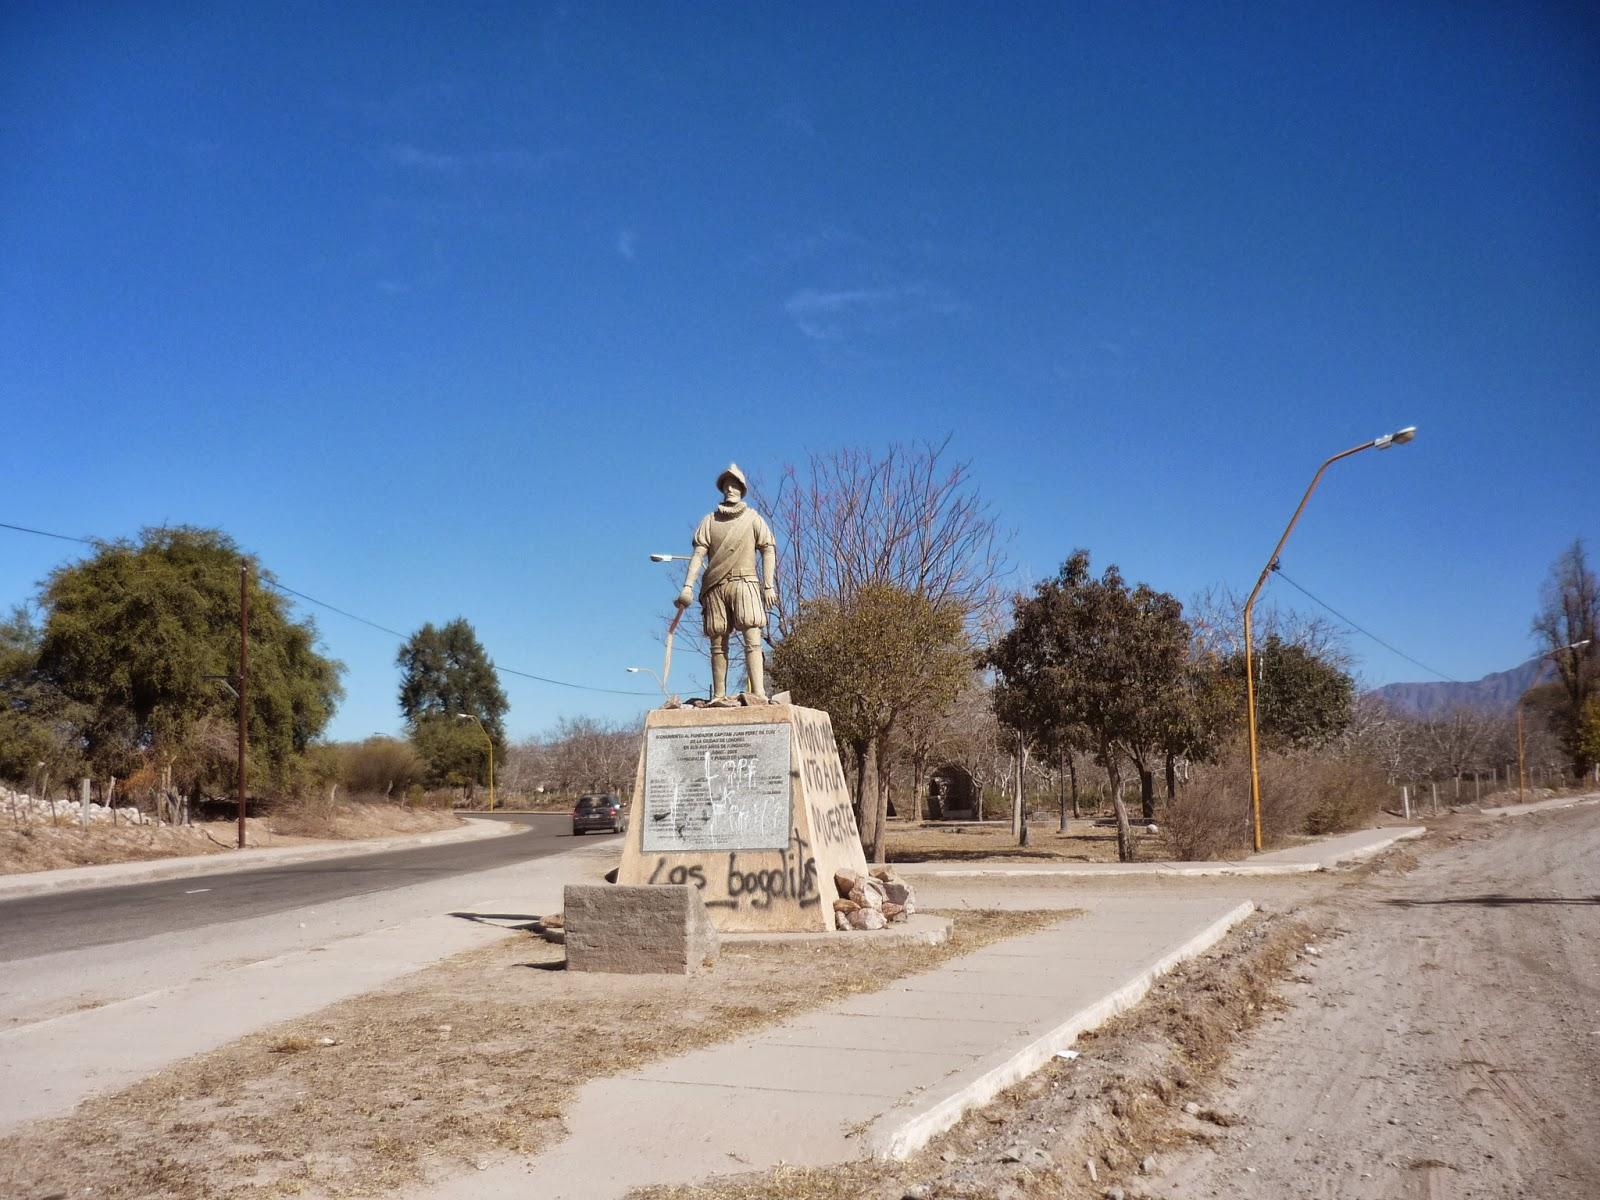 Negrada K arruinó monumento en mi pueblo